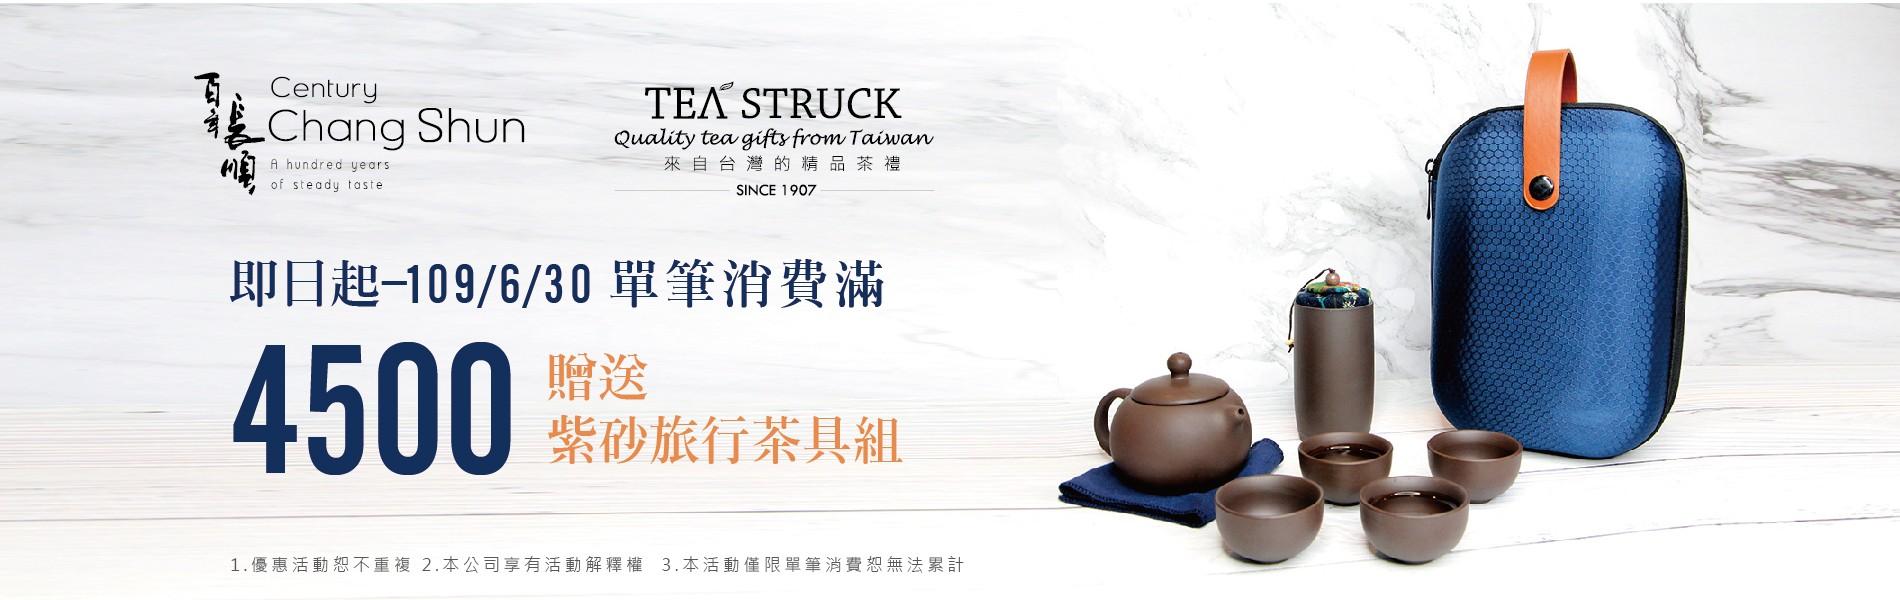 全館消費滿4800送旅行茶具組